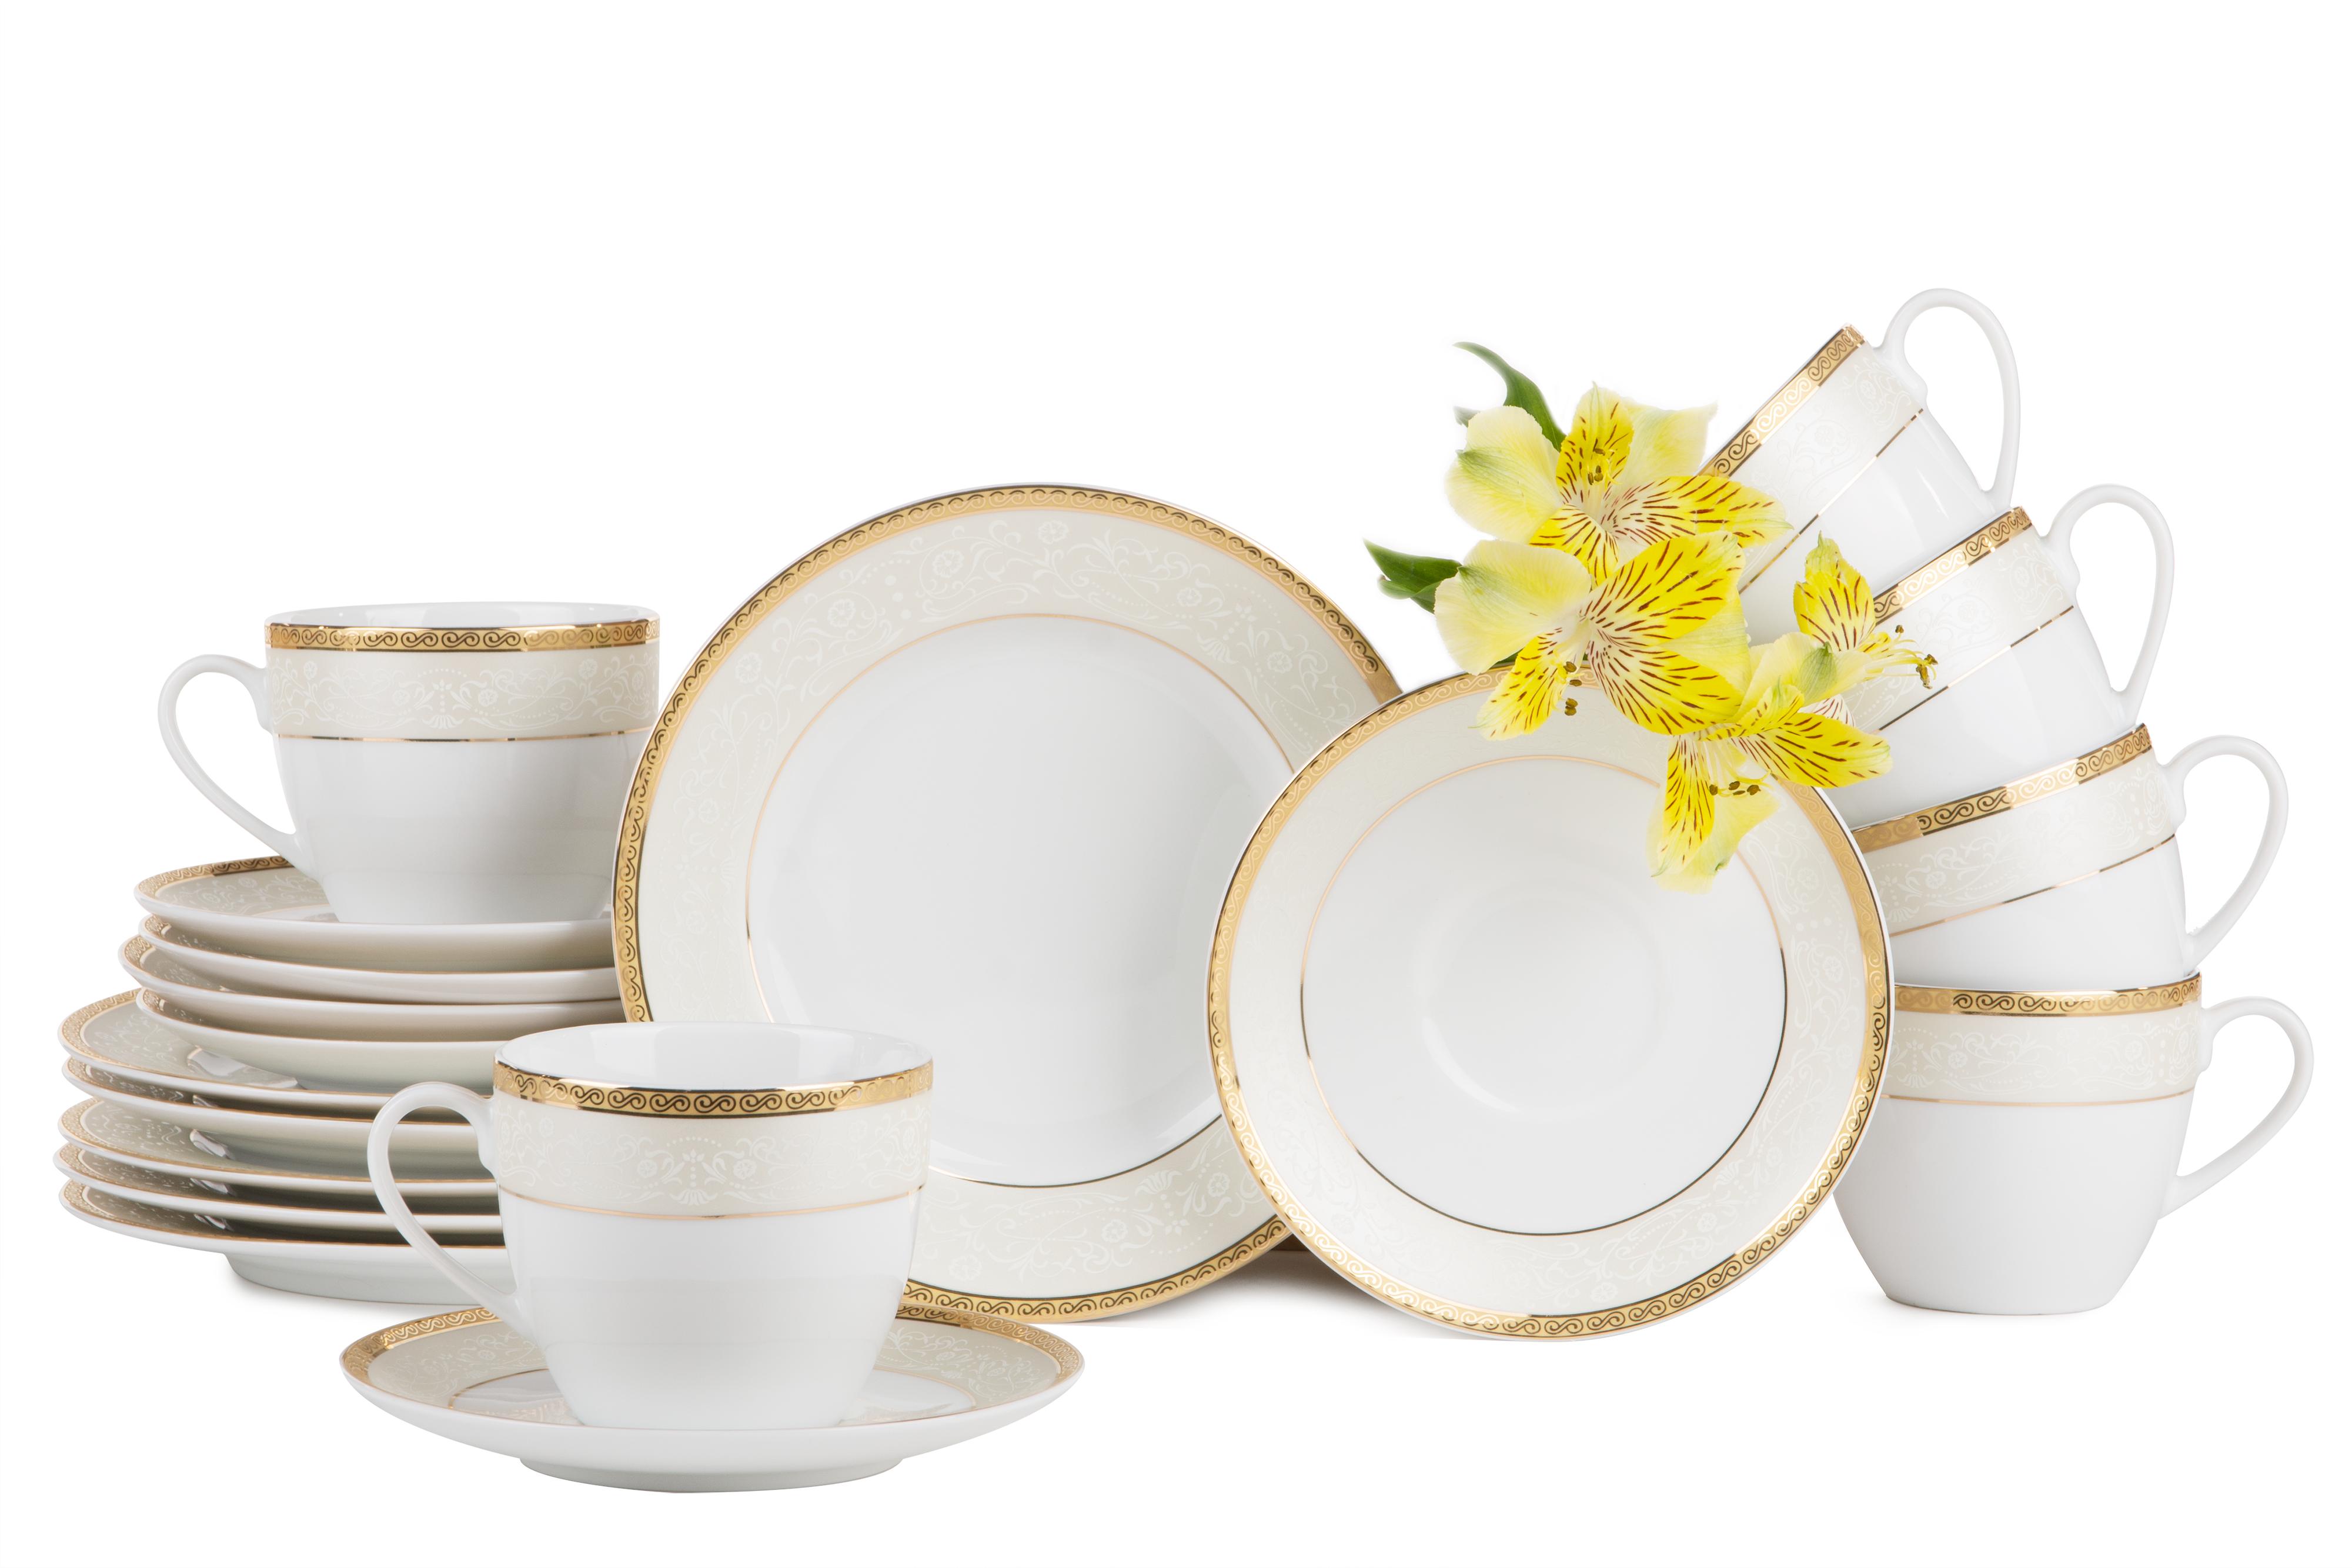 Serwis herbaciany polska porcelana 12 elementów biały / złoty wzór dla 6 os.